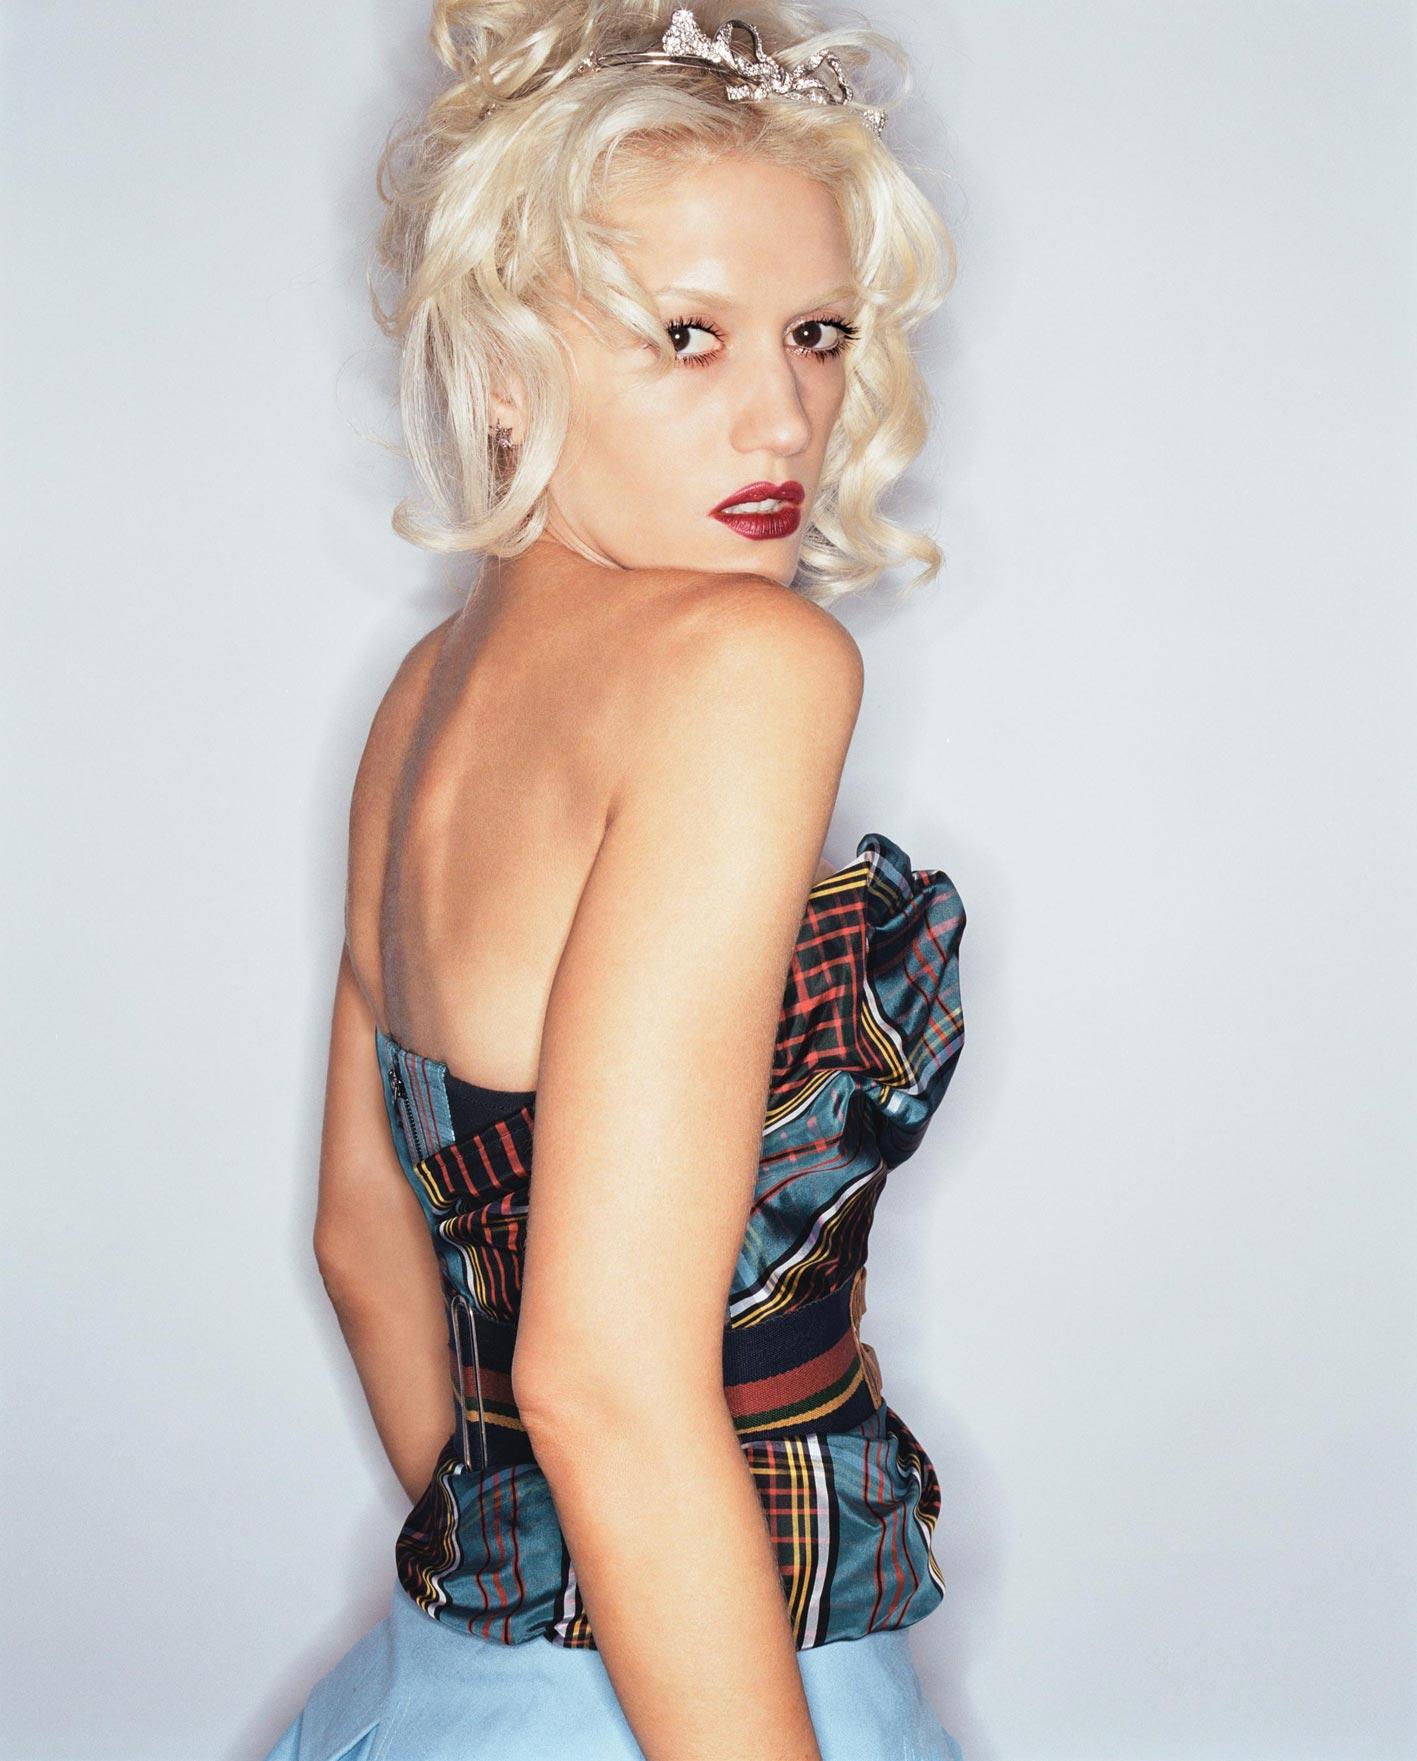 5053188me5 - Gwen Stefani